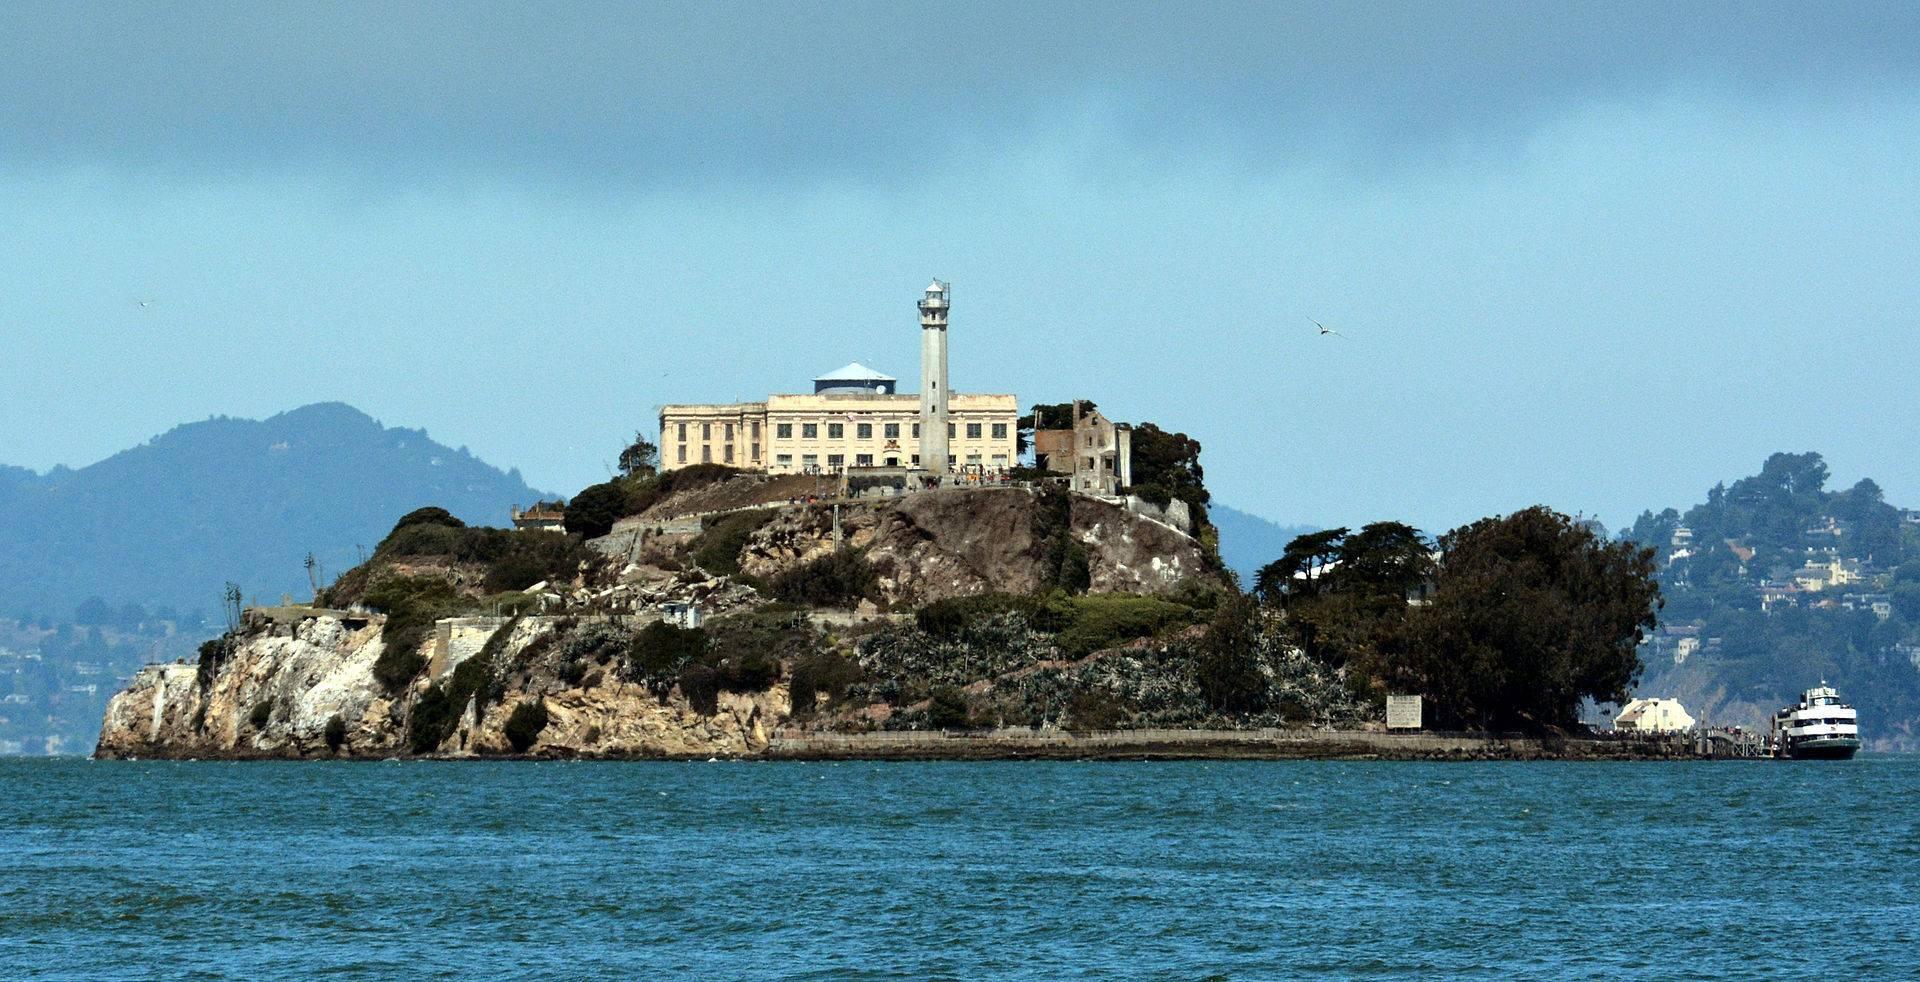 Alcatraz. Închisoarea federală cu deținuți celebri